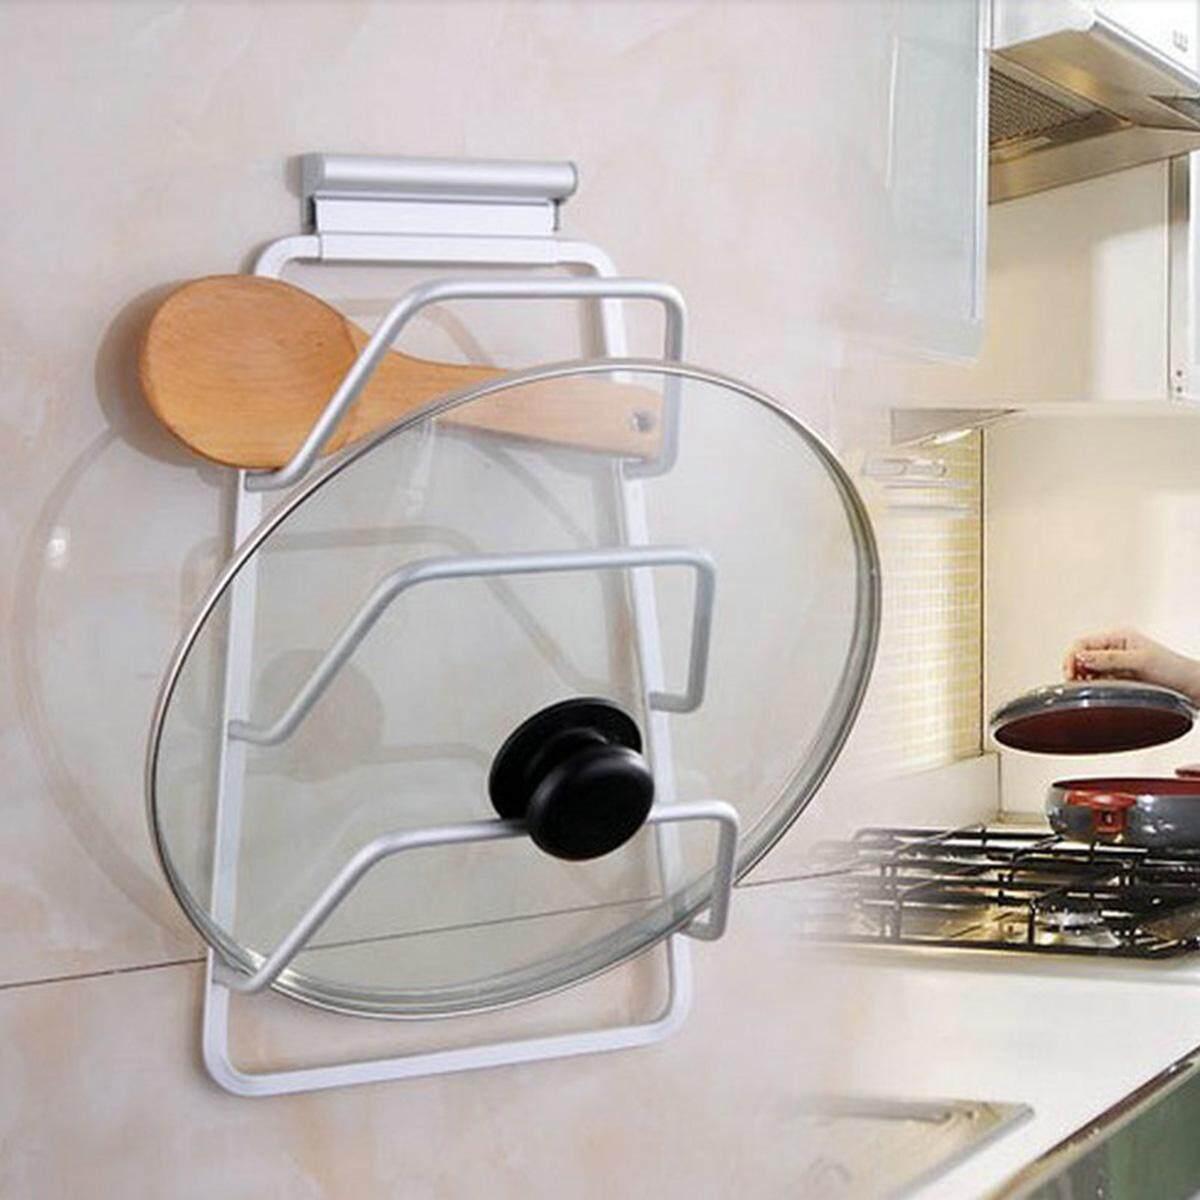 Universal Rak Dapur Dinding Aluminium Daftar Harga Terkini Dan Alumunium Ruang Tutup Pintu Dudukan Pan Penahan Internasional